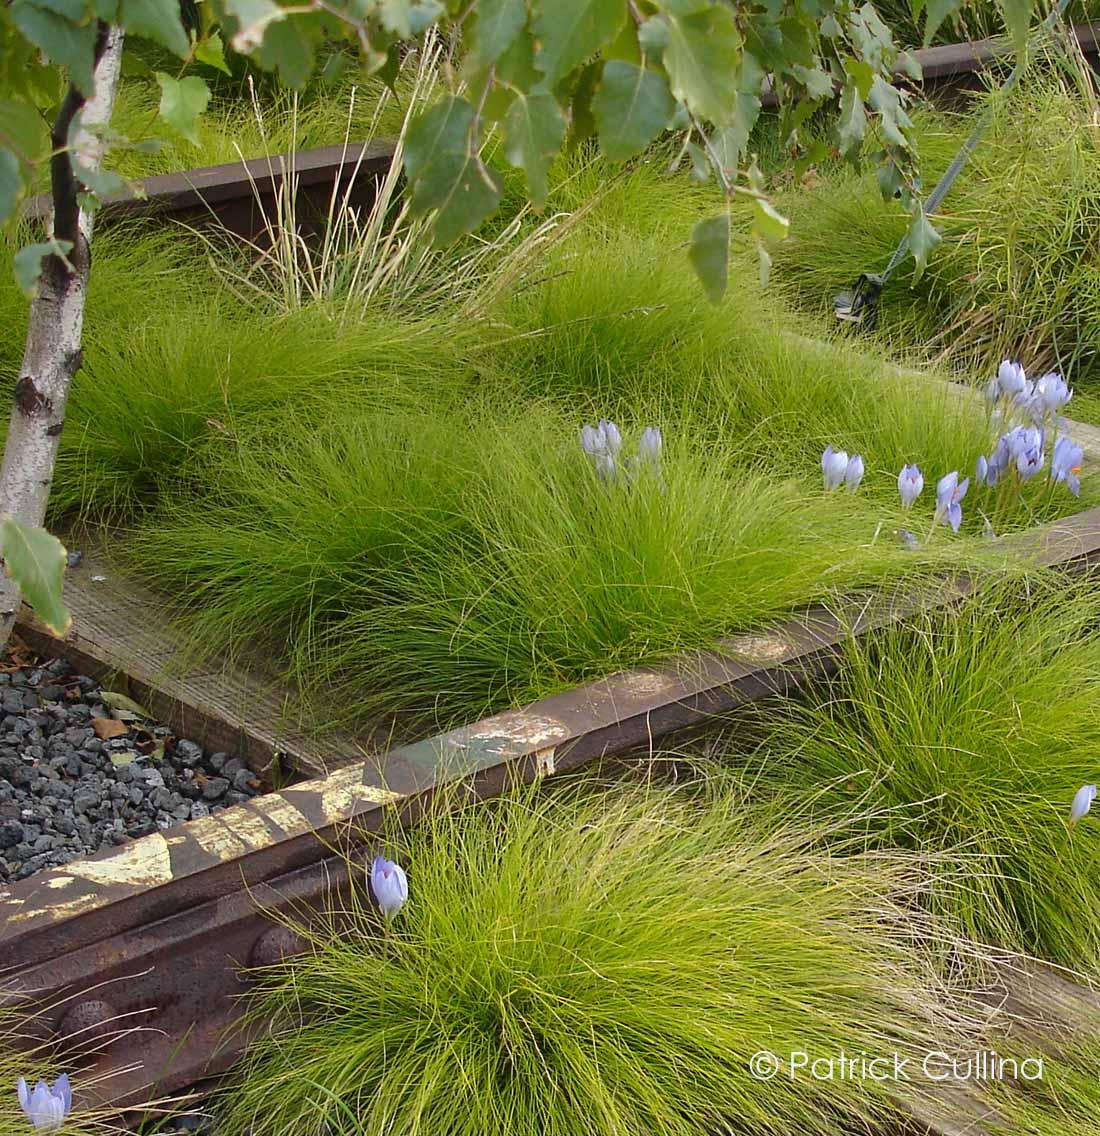 Carex_eburnea_01_Pat_Cullina_copy.jpg